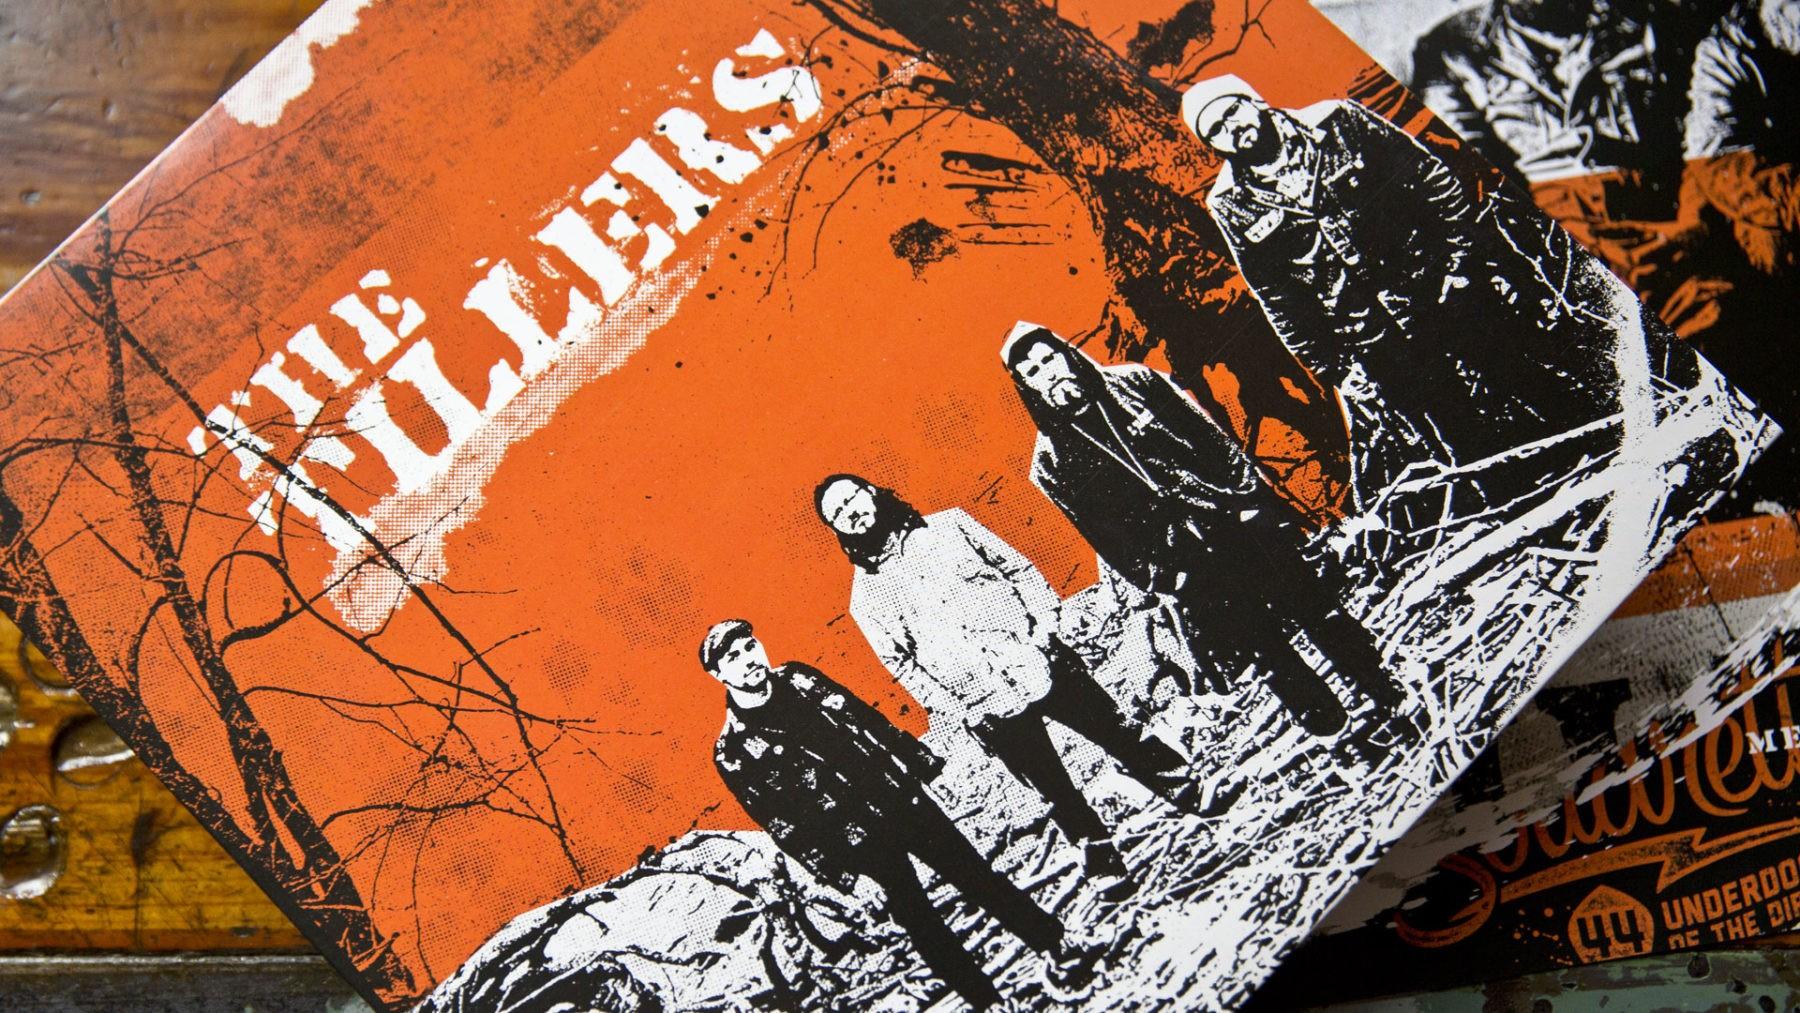 Tillers_02